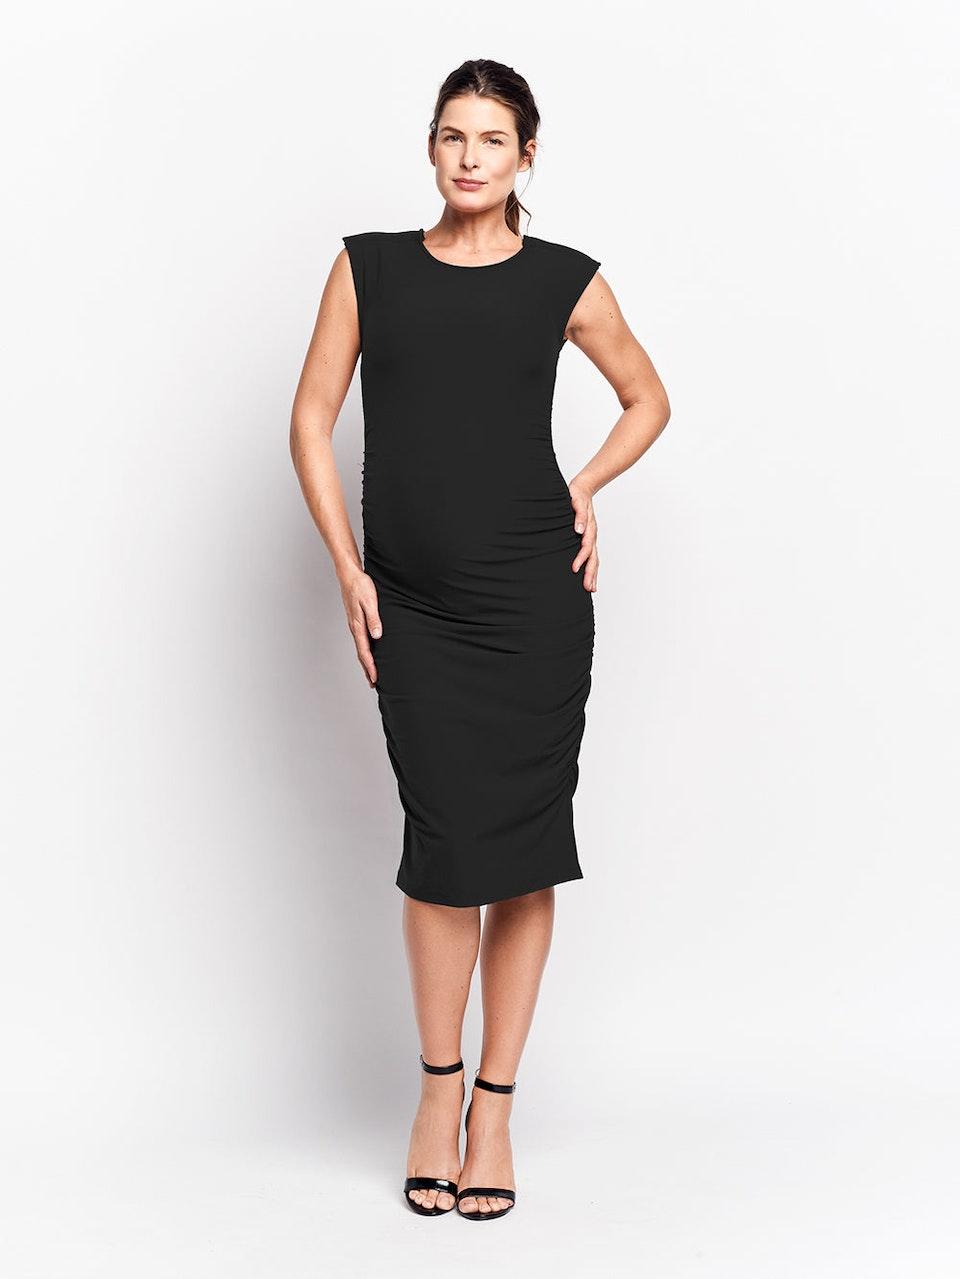 Mccarren Dress